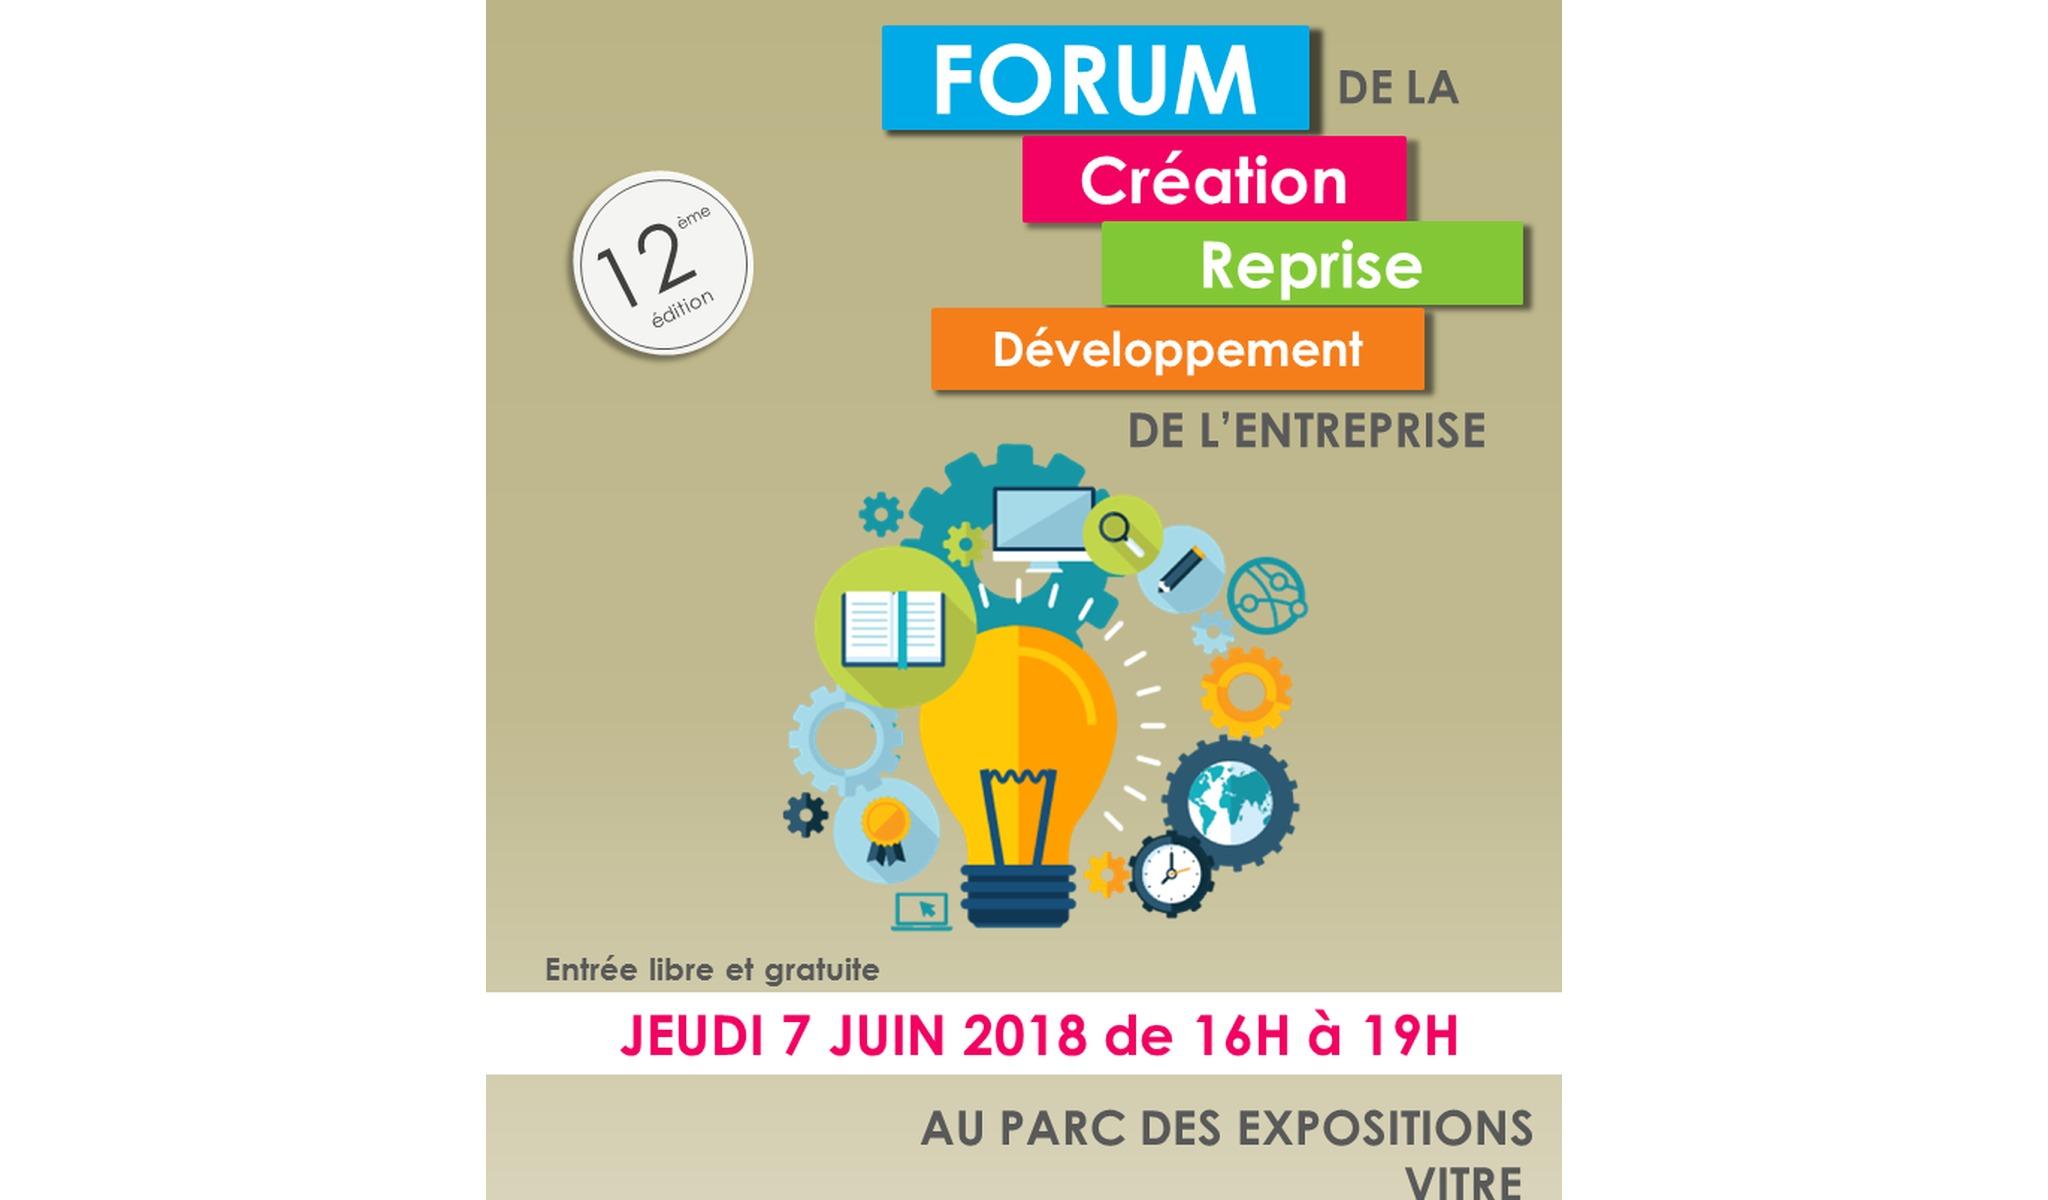 Forum de la creation d'entreprise la 7 juin 2018 à Vitré